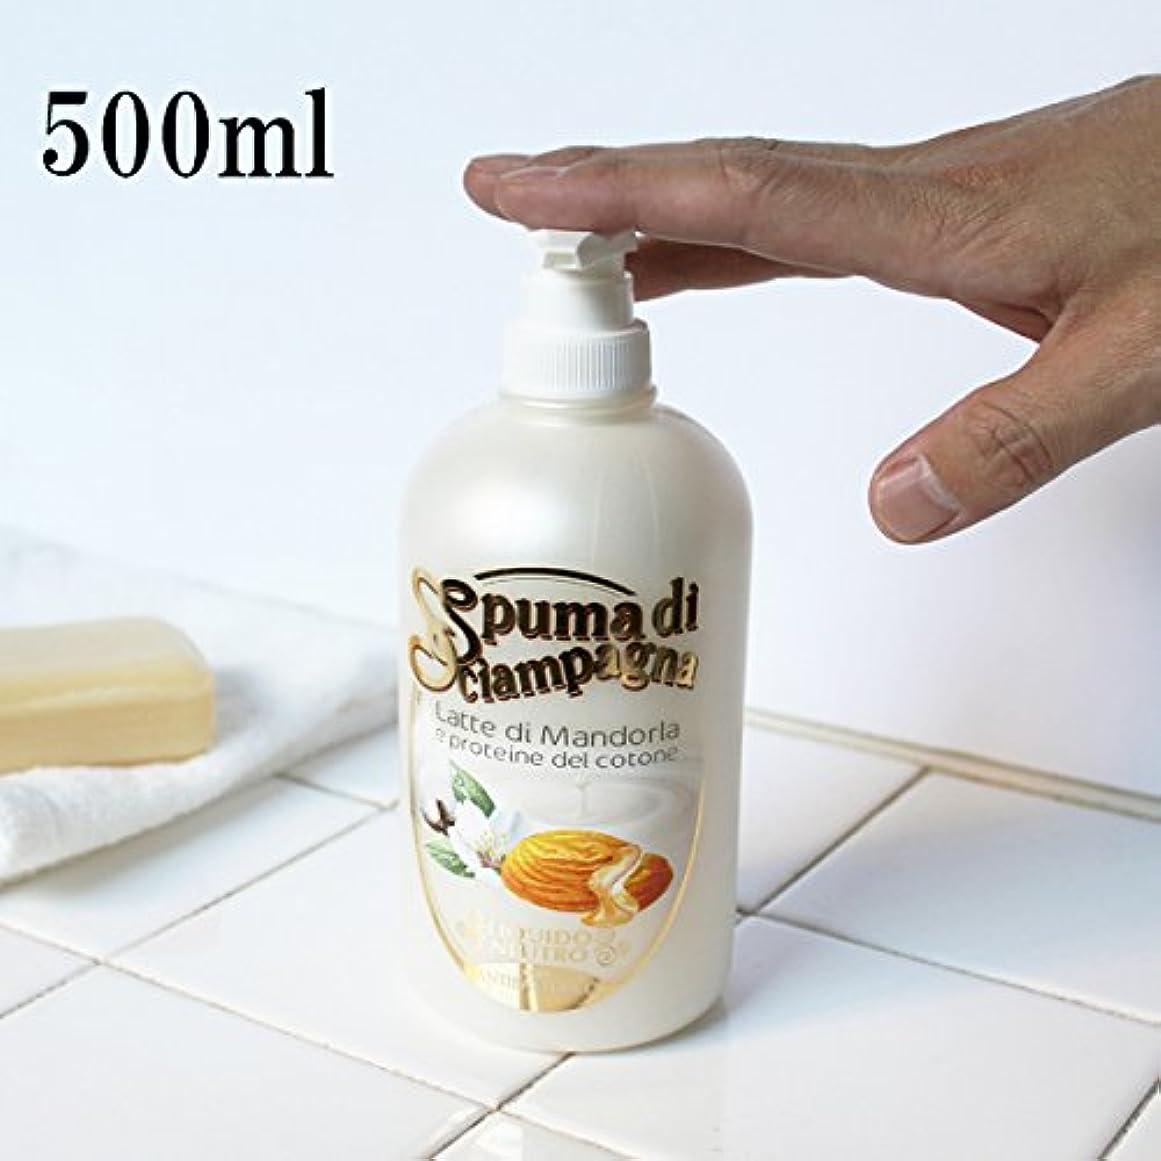 生活機動ホラーSpuma di Sciampagna (スプーマ ディ シャンパーニャ) リキッドソープ 500ml アーモンドの香り